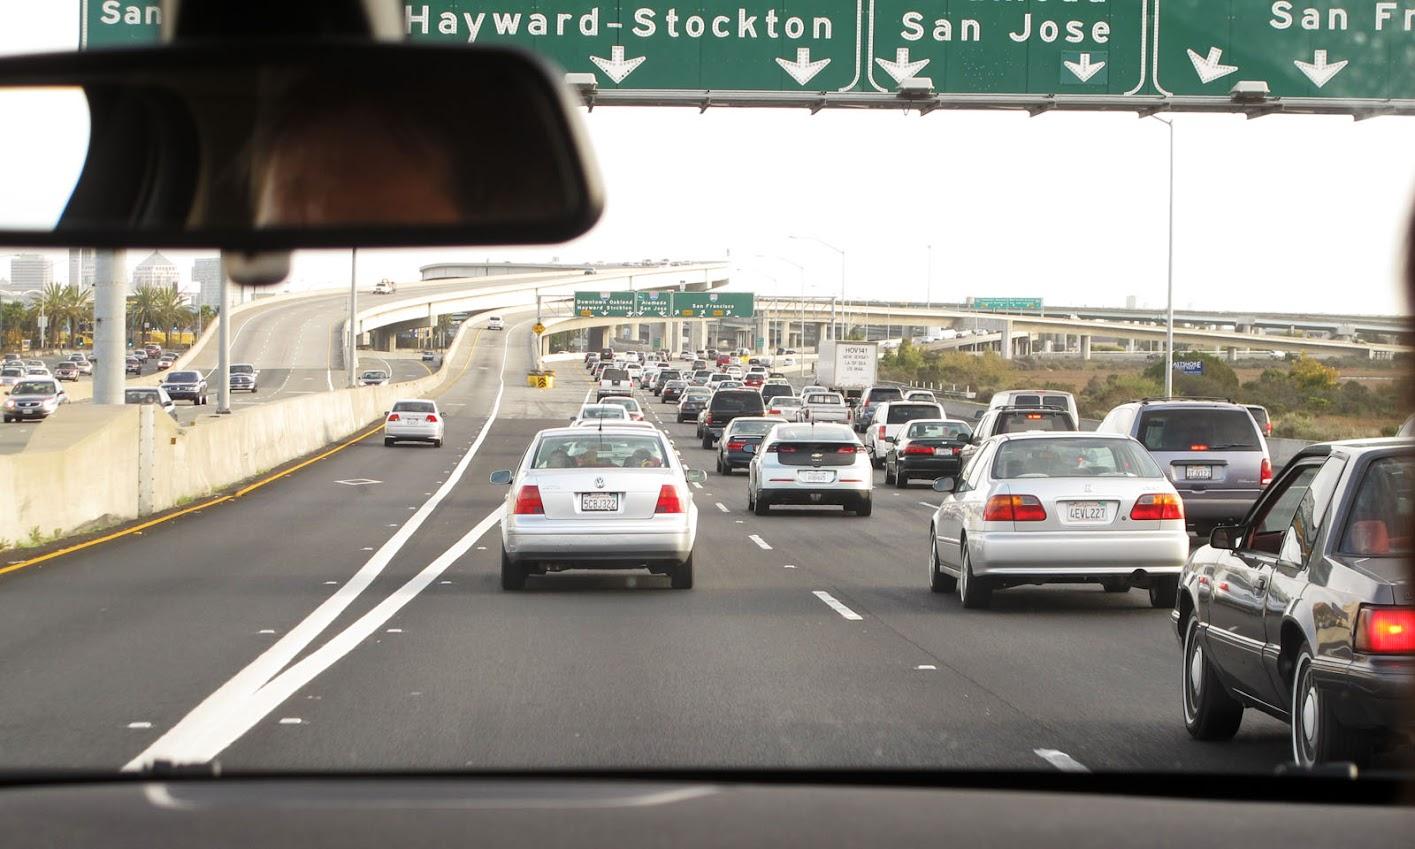 Не пользоваться телефоном за рулем и включать фары днем: МВД напомнило важные правила поведения на дороге - Цензор.НЕТ 4741